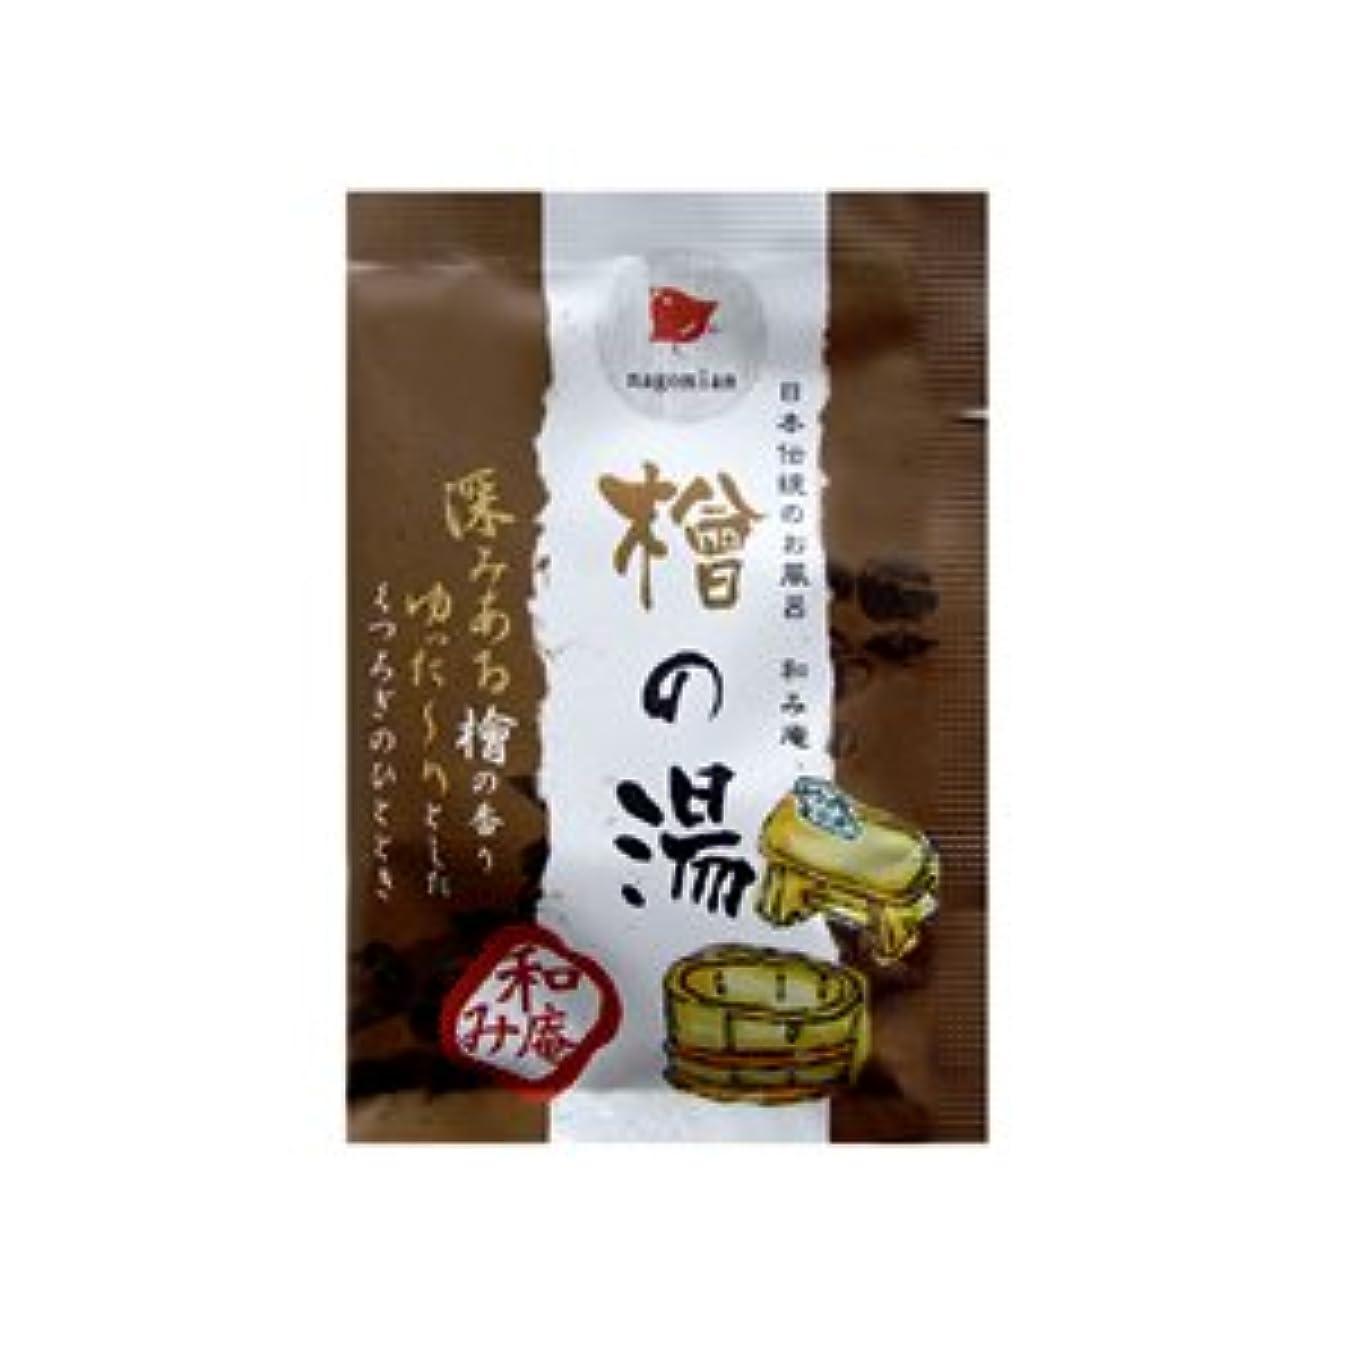 シーングリップ息を切らして日本伝統のお風呂 和み庵 檜の湯 25g 10個セット